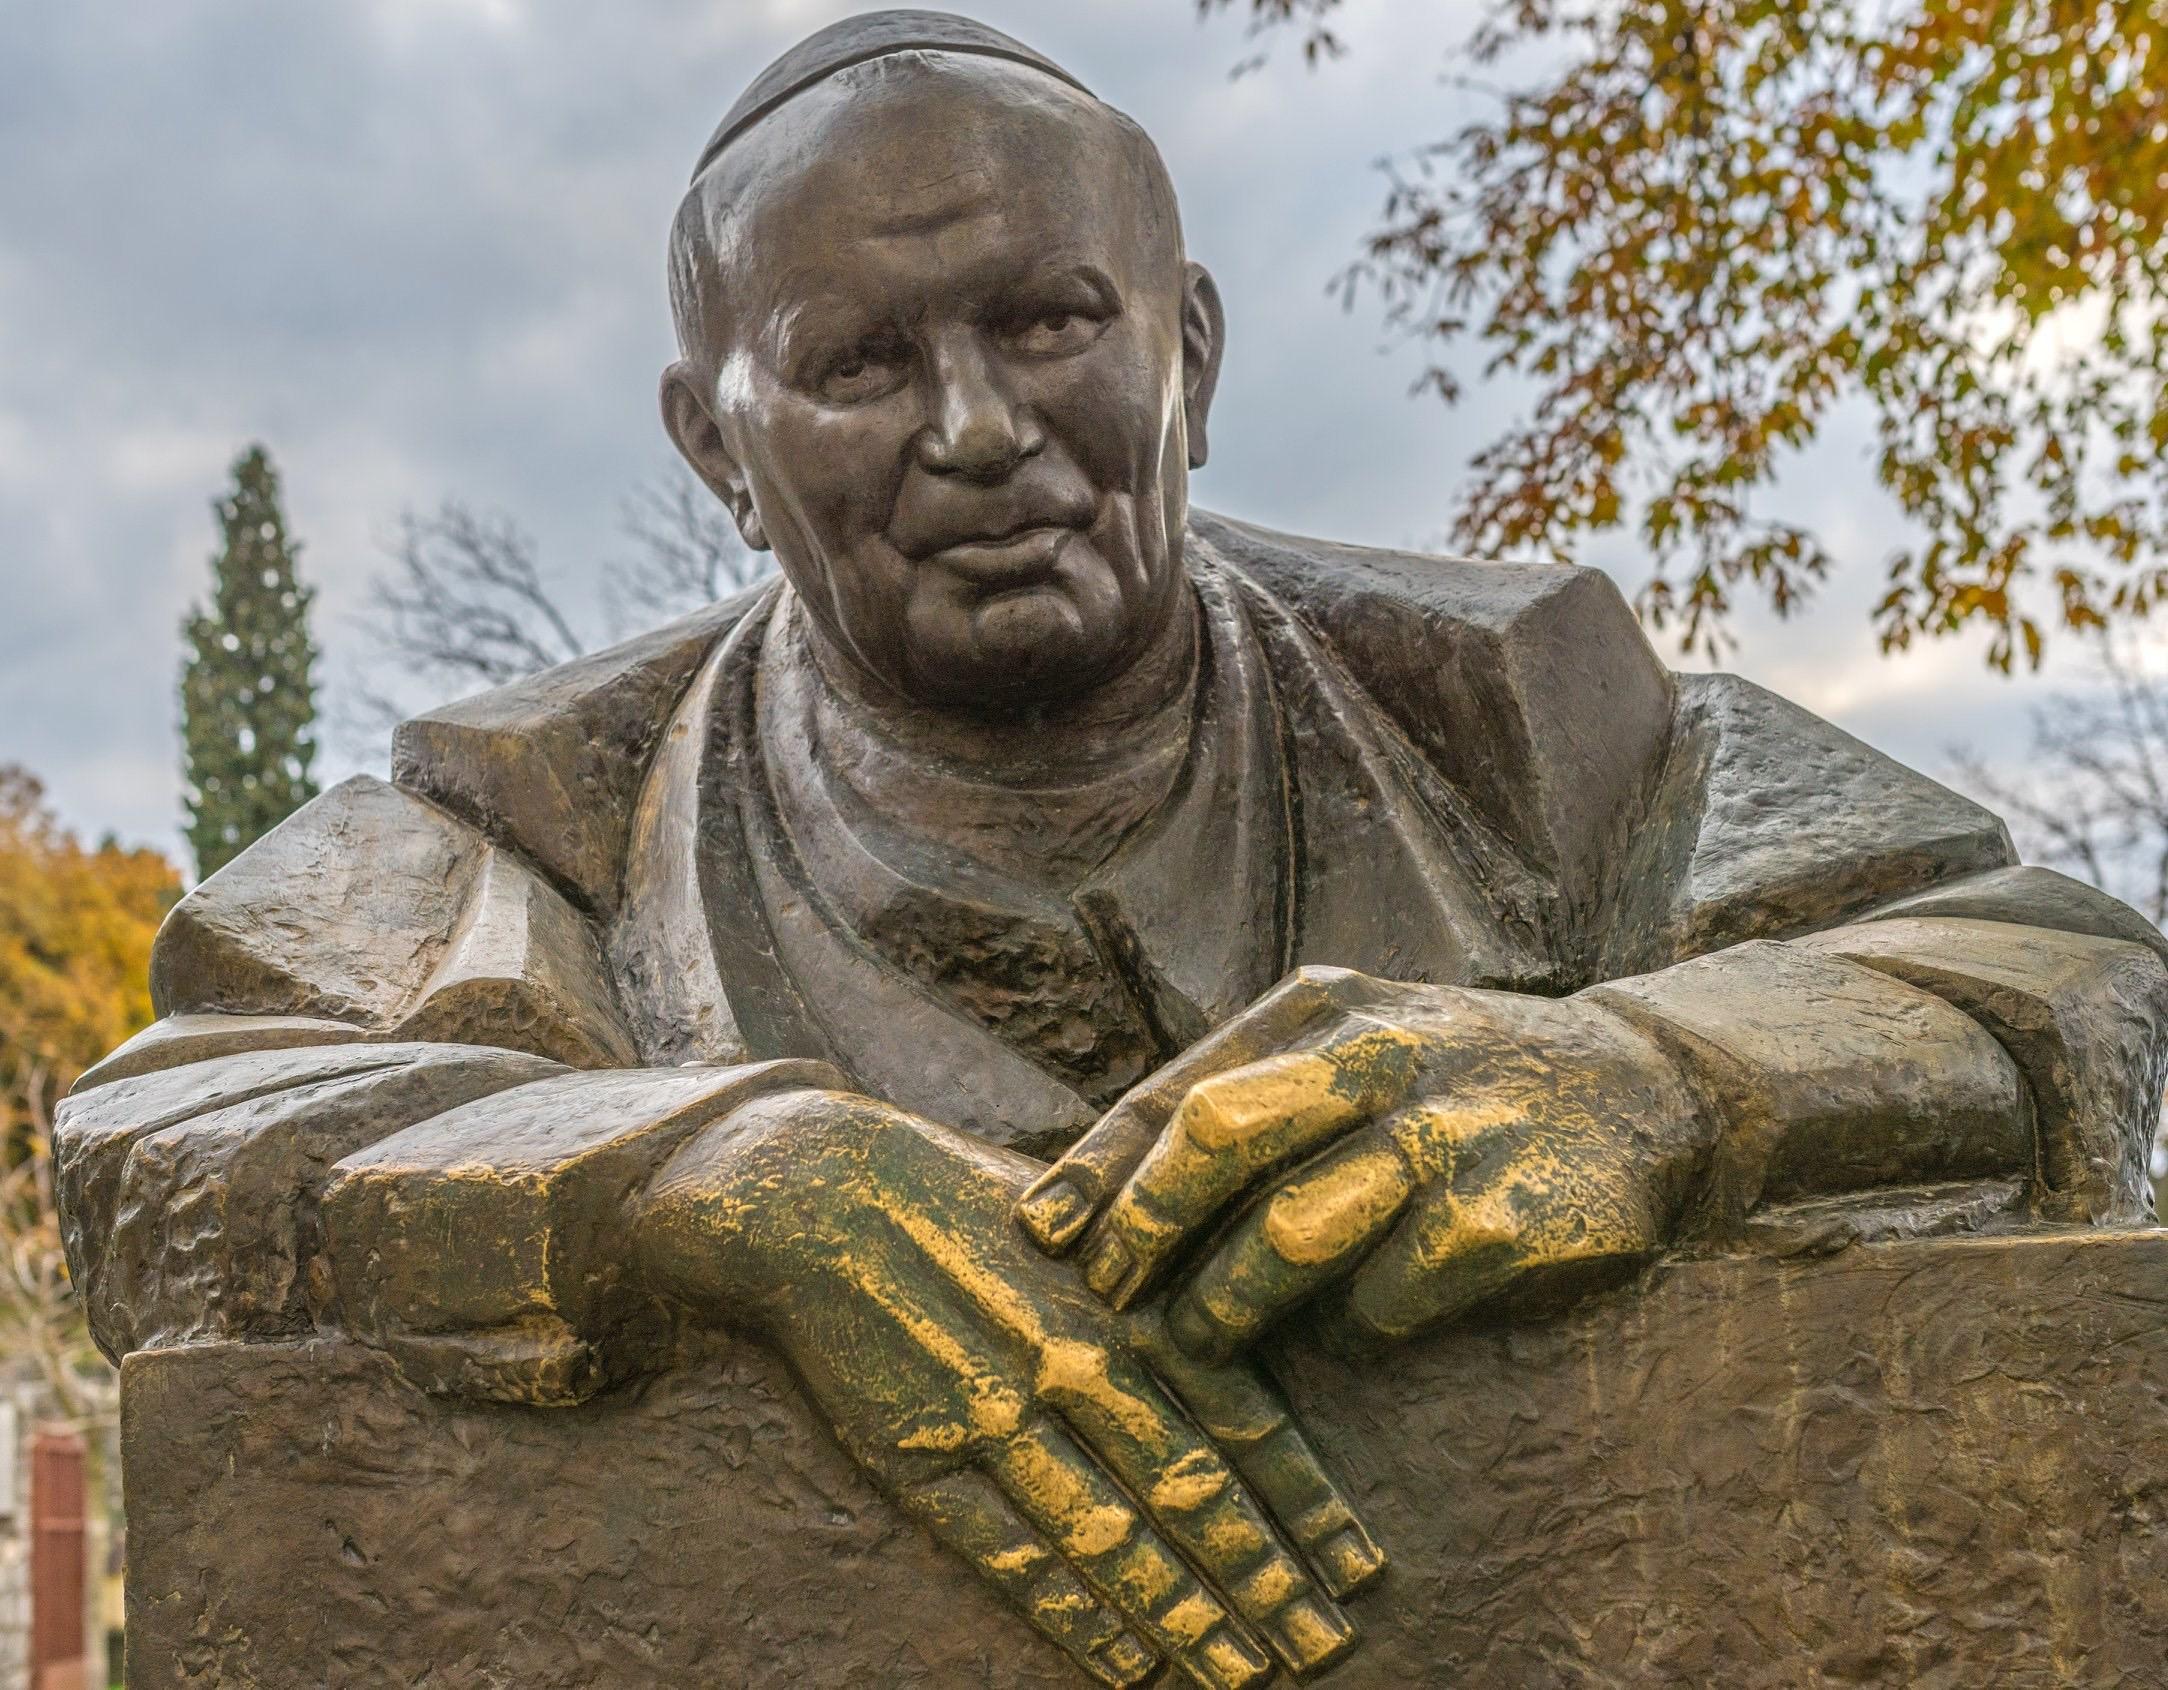 Антун Юркич. Памятник Иоанну ПавлуII. 2005. Трсат, Хорватия. Источник: Викимедиа